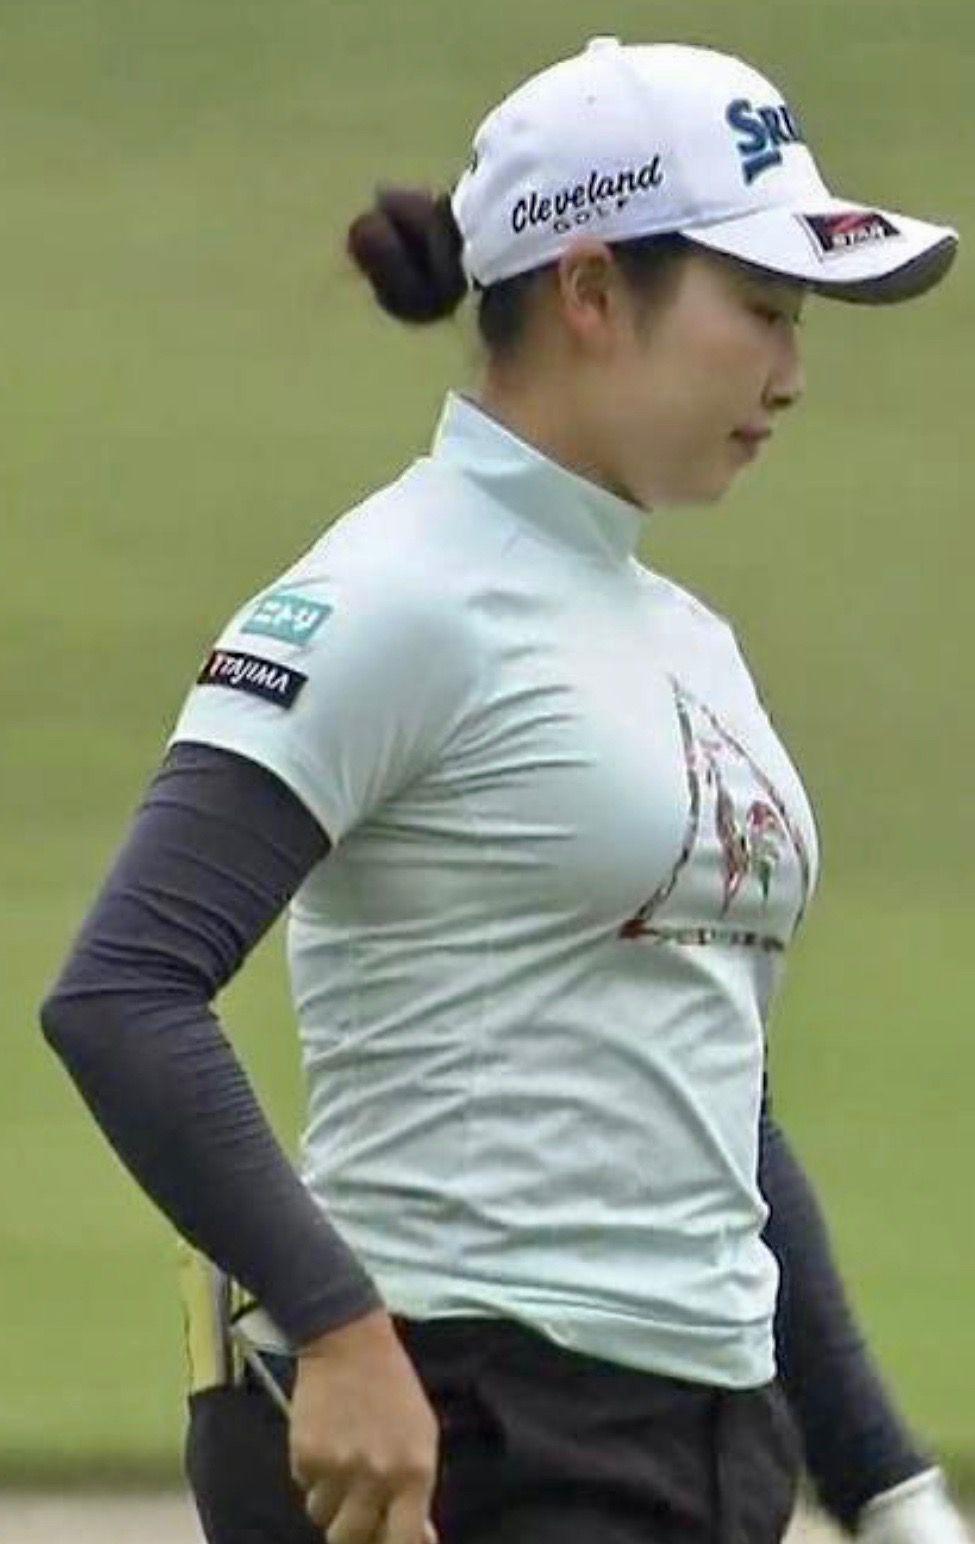 ゴルフ」おしゃれまとめの人気アイデア|Pinterest|之利 足立 | テニスファッション, 女子 プロ ゴルフ, 女子ゴルフ